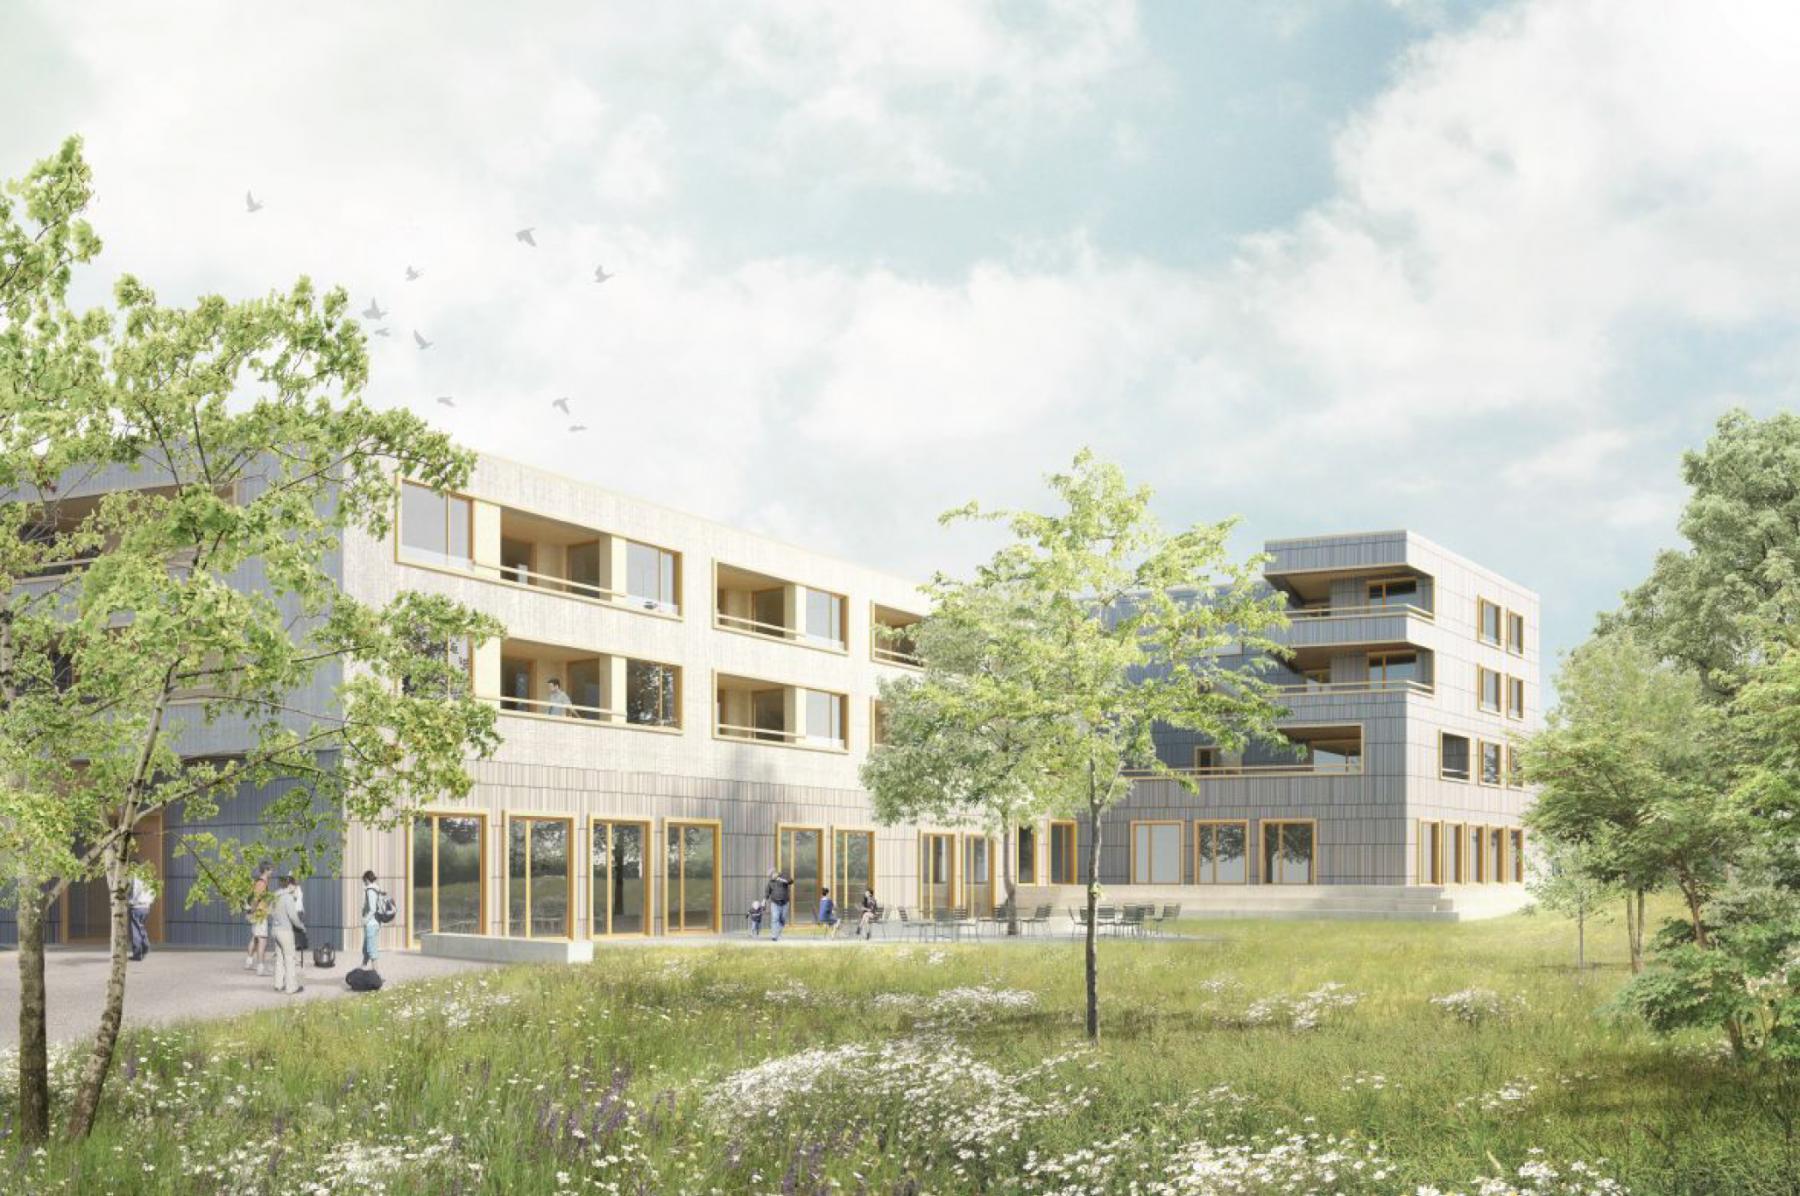 Neubau Kirchgemeindehaus, Bibliothek mit Wohnungen, Wallisellen, ADP Architekten, MISSING LINK